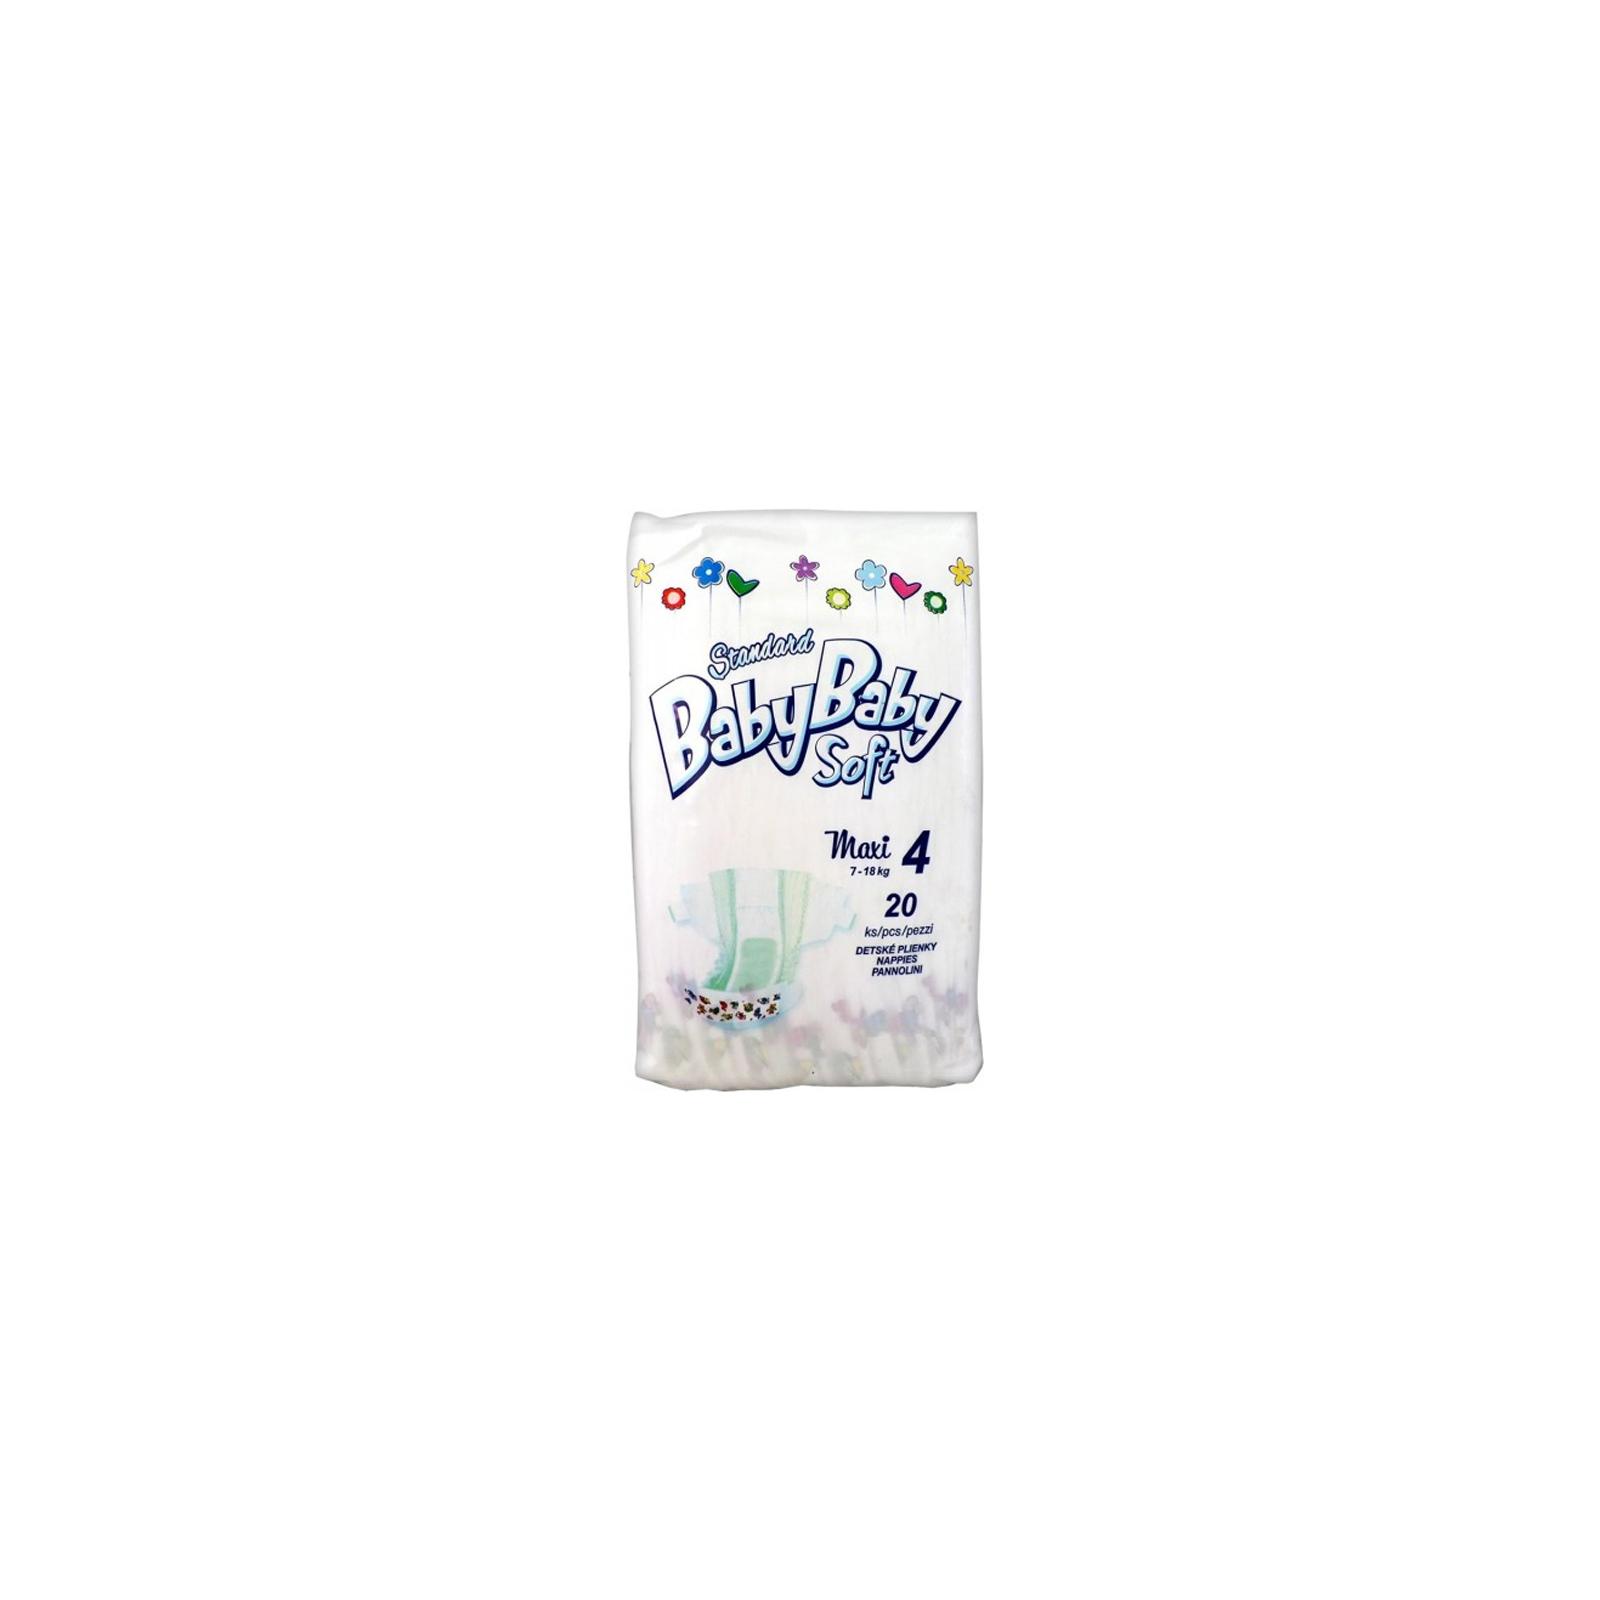 Подгузник BabyBaby Soft Standard Maxi 4 (7-18 кг) 20 шт (8588004865600)